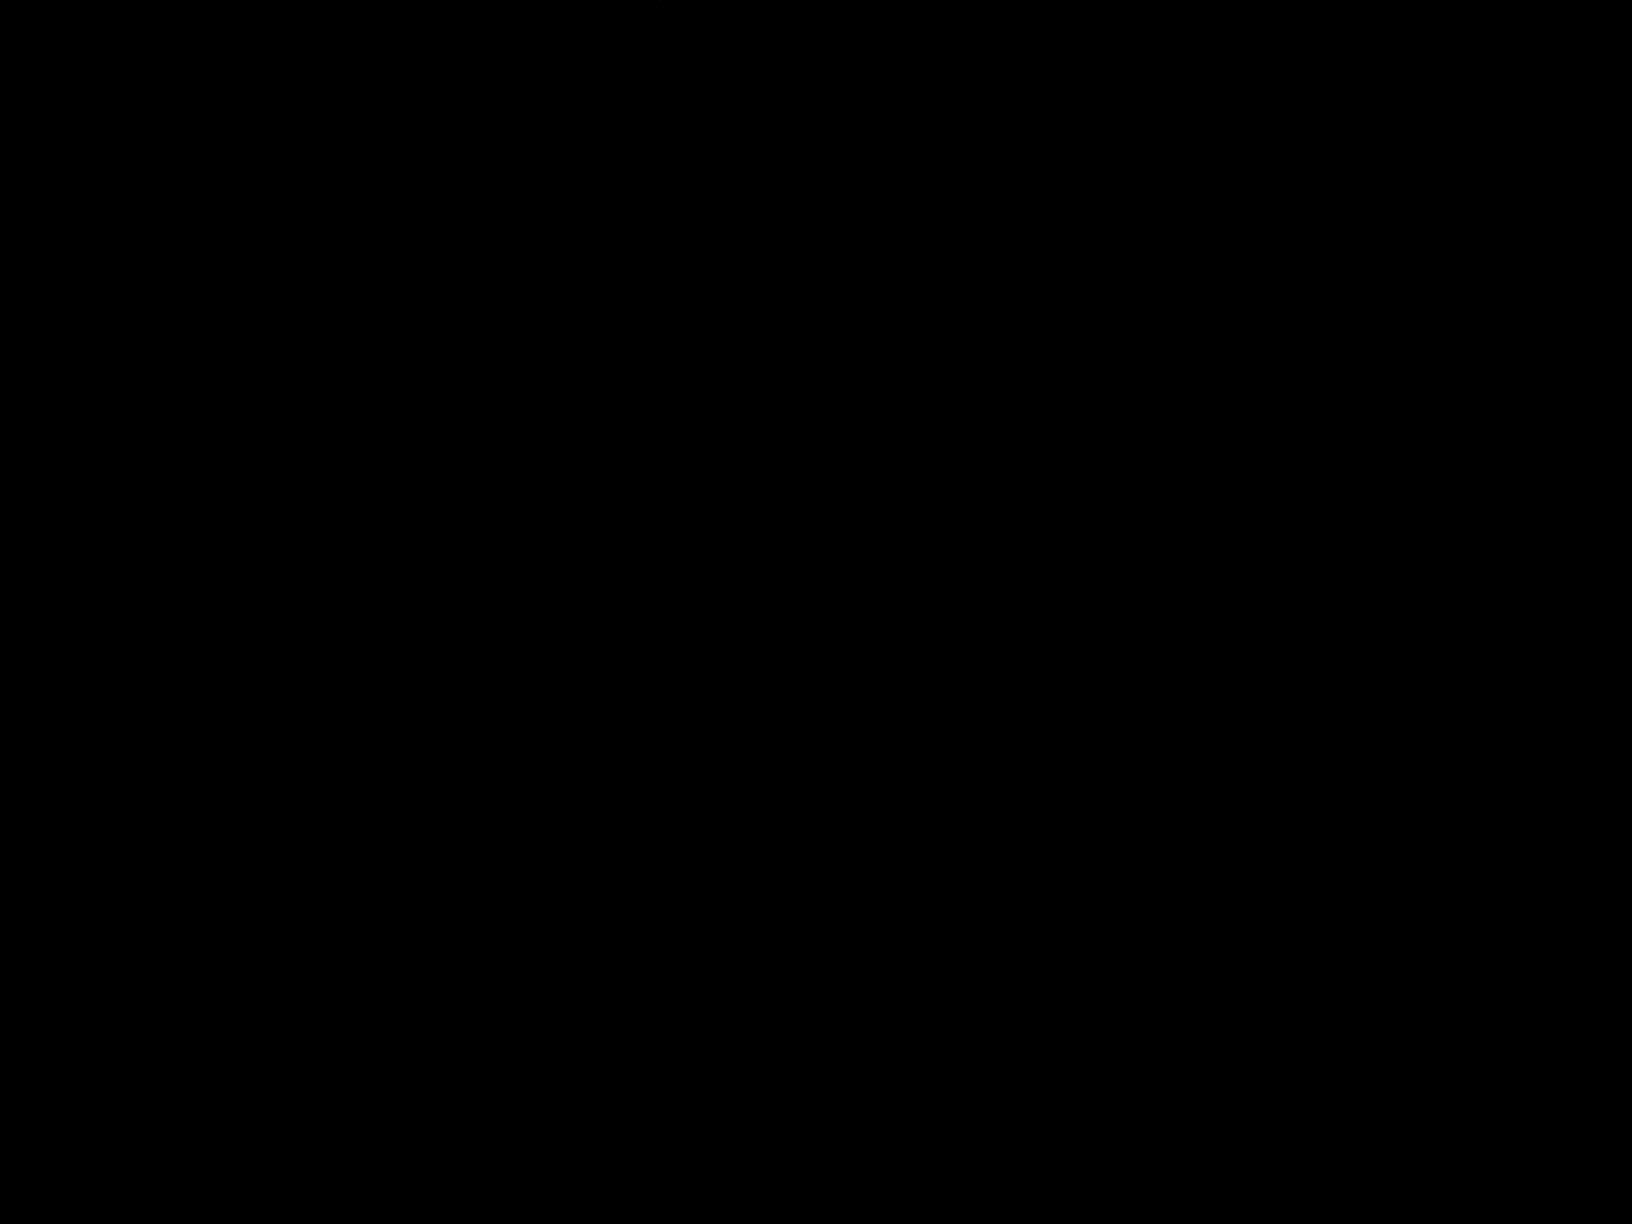 BoötesVoid